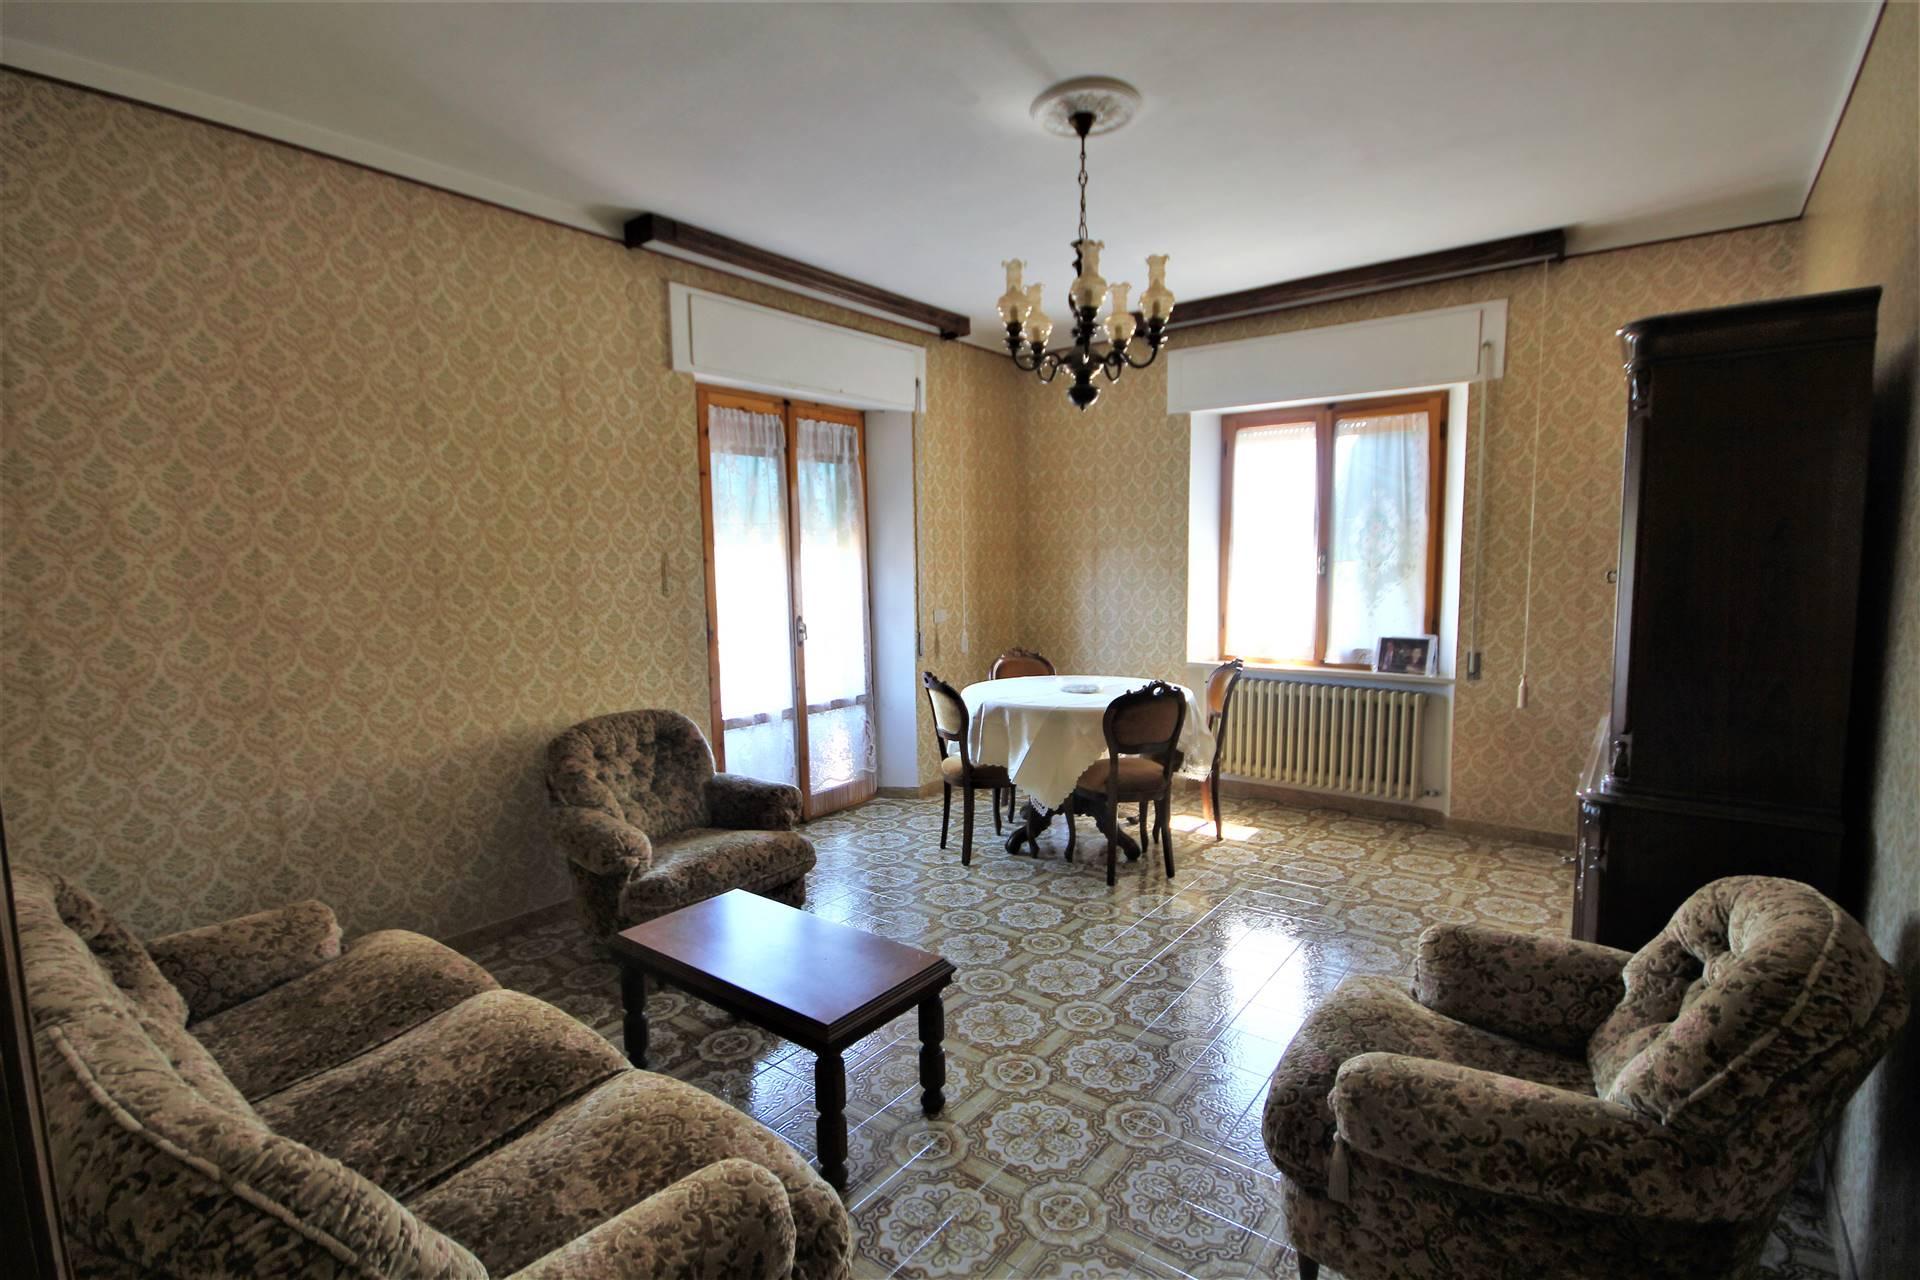 Appartamento in vendita a Fabro, 4 locali, zona Zona: Fabro Scalo, prezzo € 115.000   CambioCasa.it